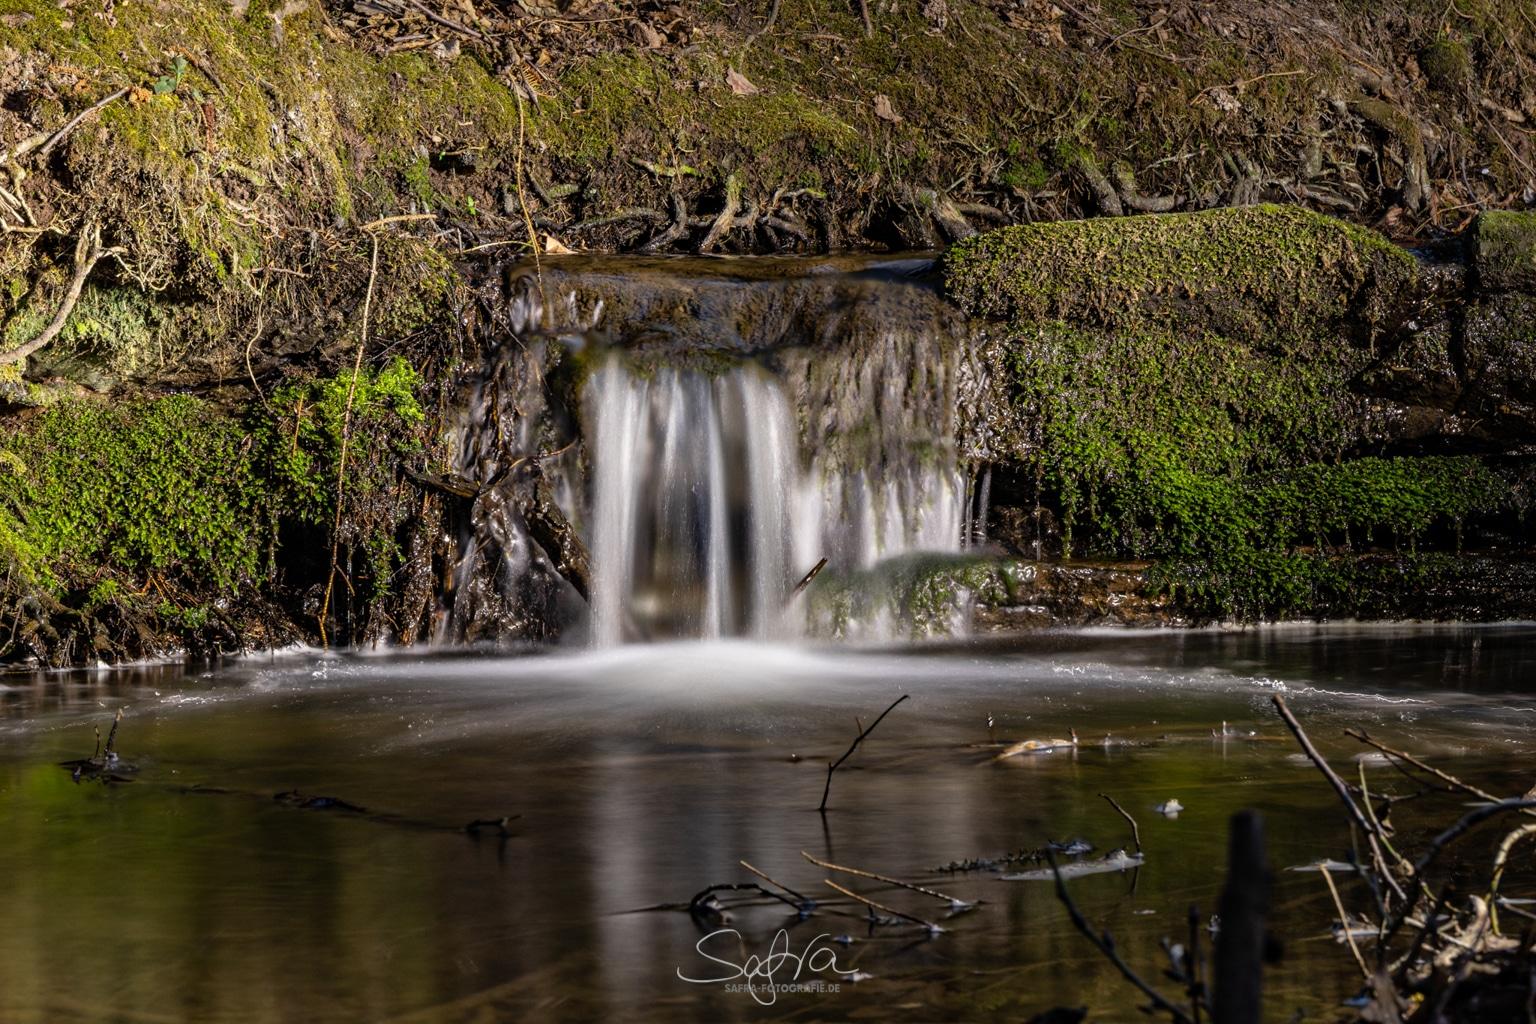 Irgendwo im Wald, kleiner Wasserfall